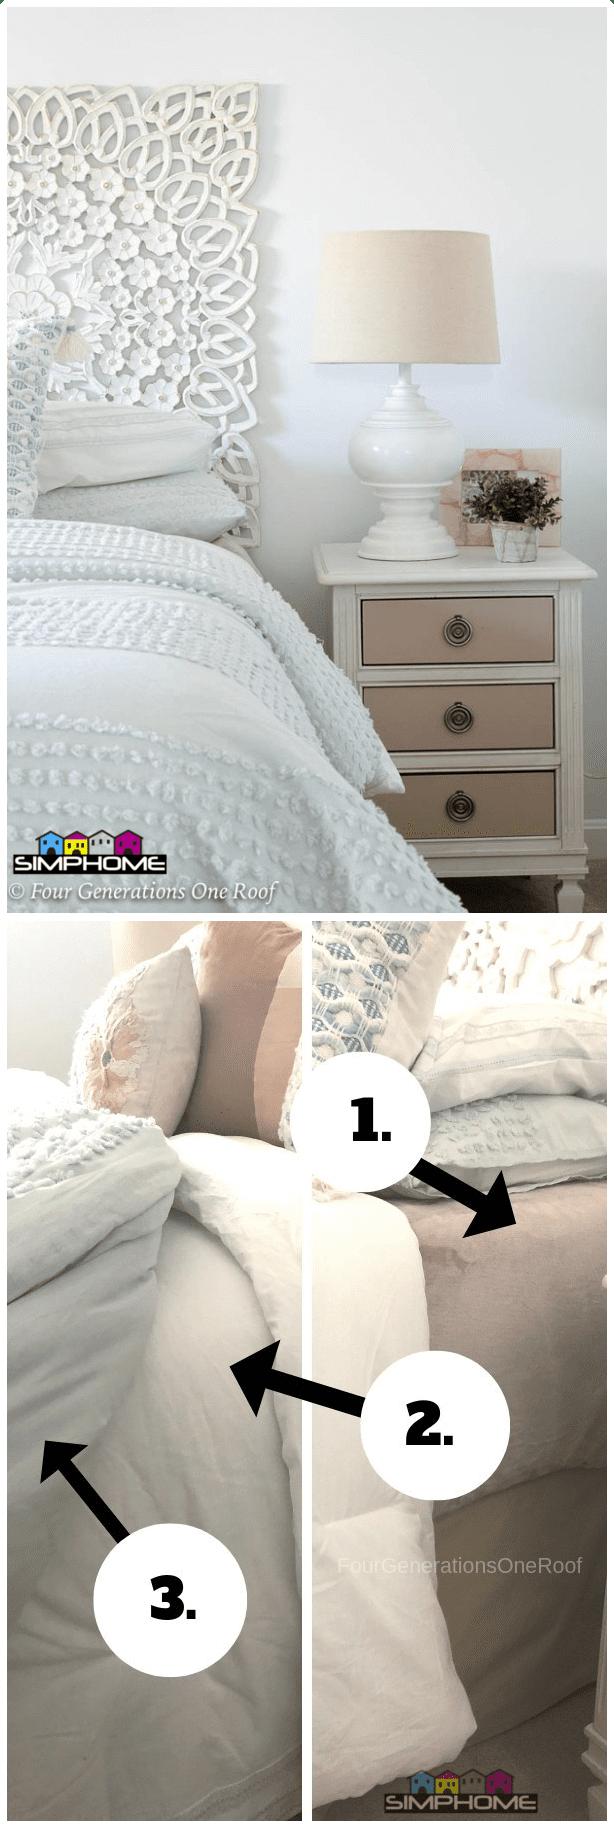 9 The Secret to Craft Fluffy Bedding via Simphome.com